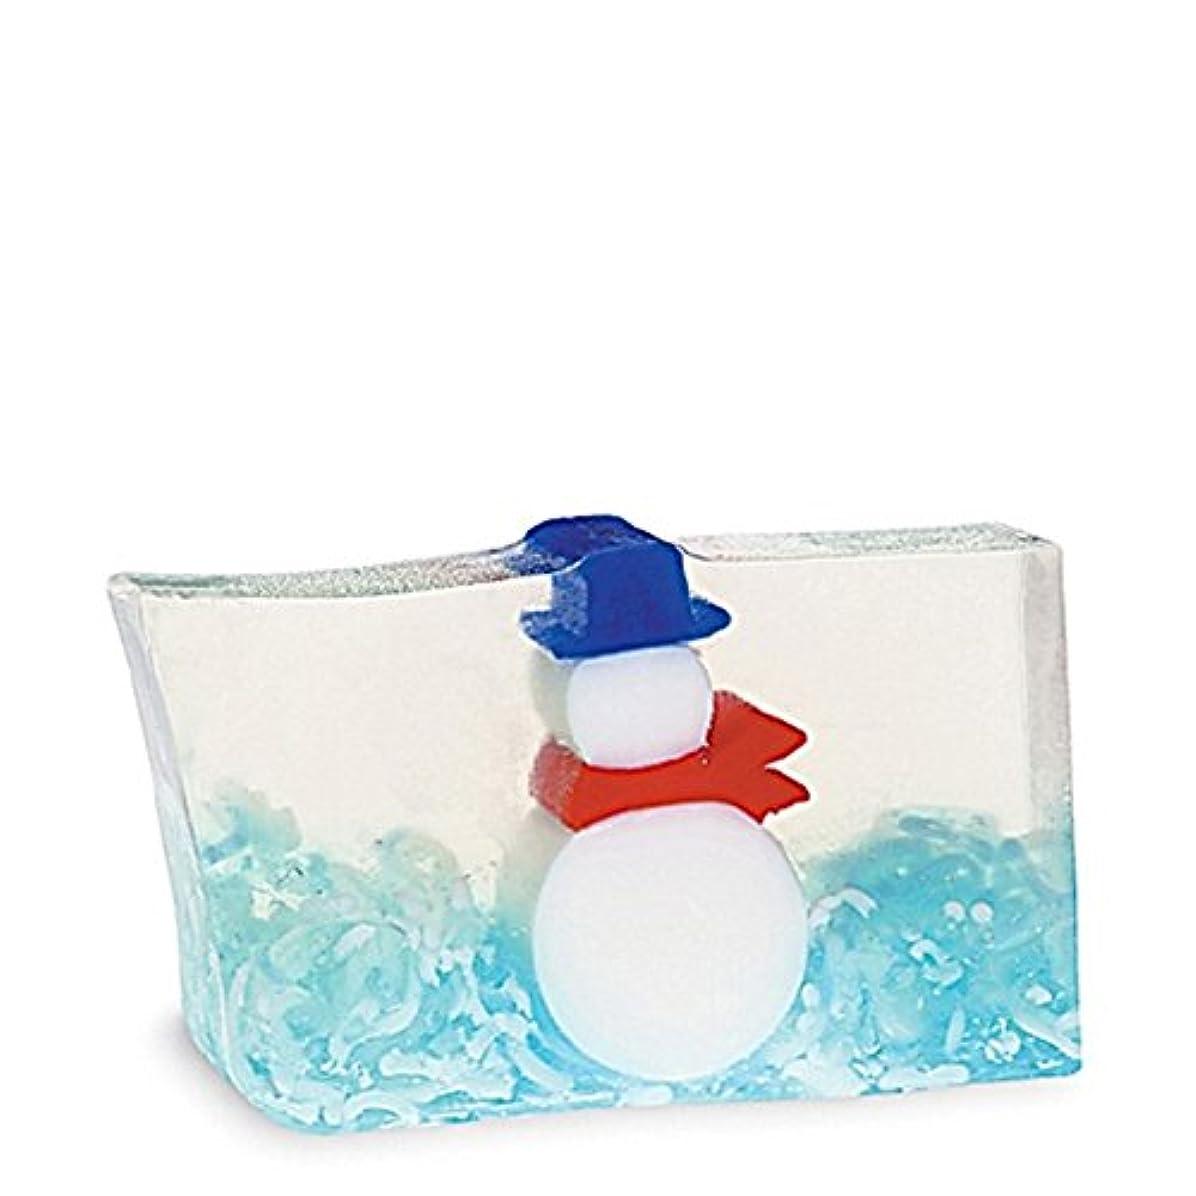 準拠保証金沿って原初の要素雪だるま石鹸170グラム x4 - Primal Elements Snowman Soap 170g (Pack of 4) [並行輸入品]